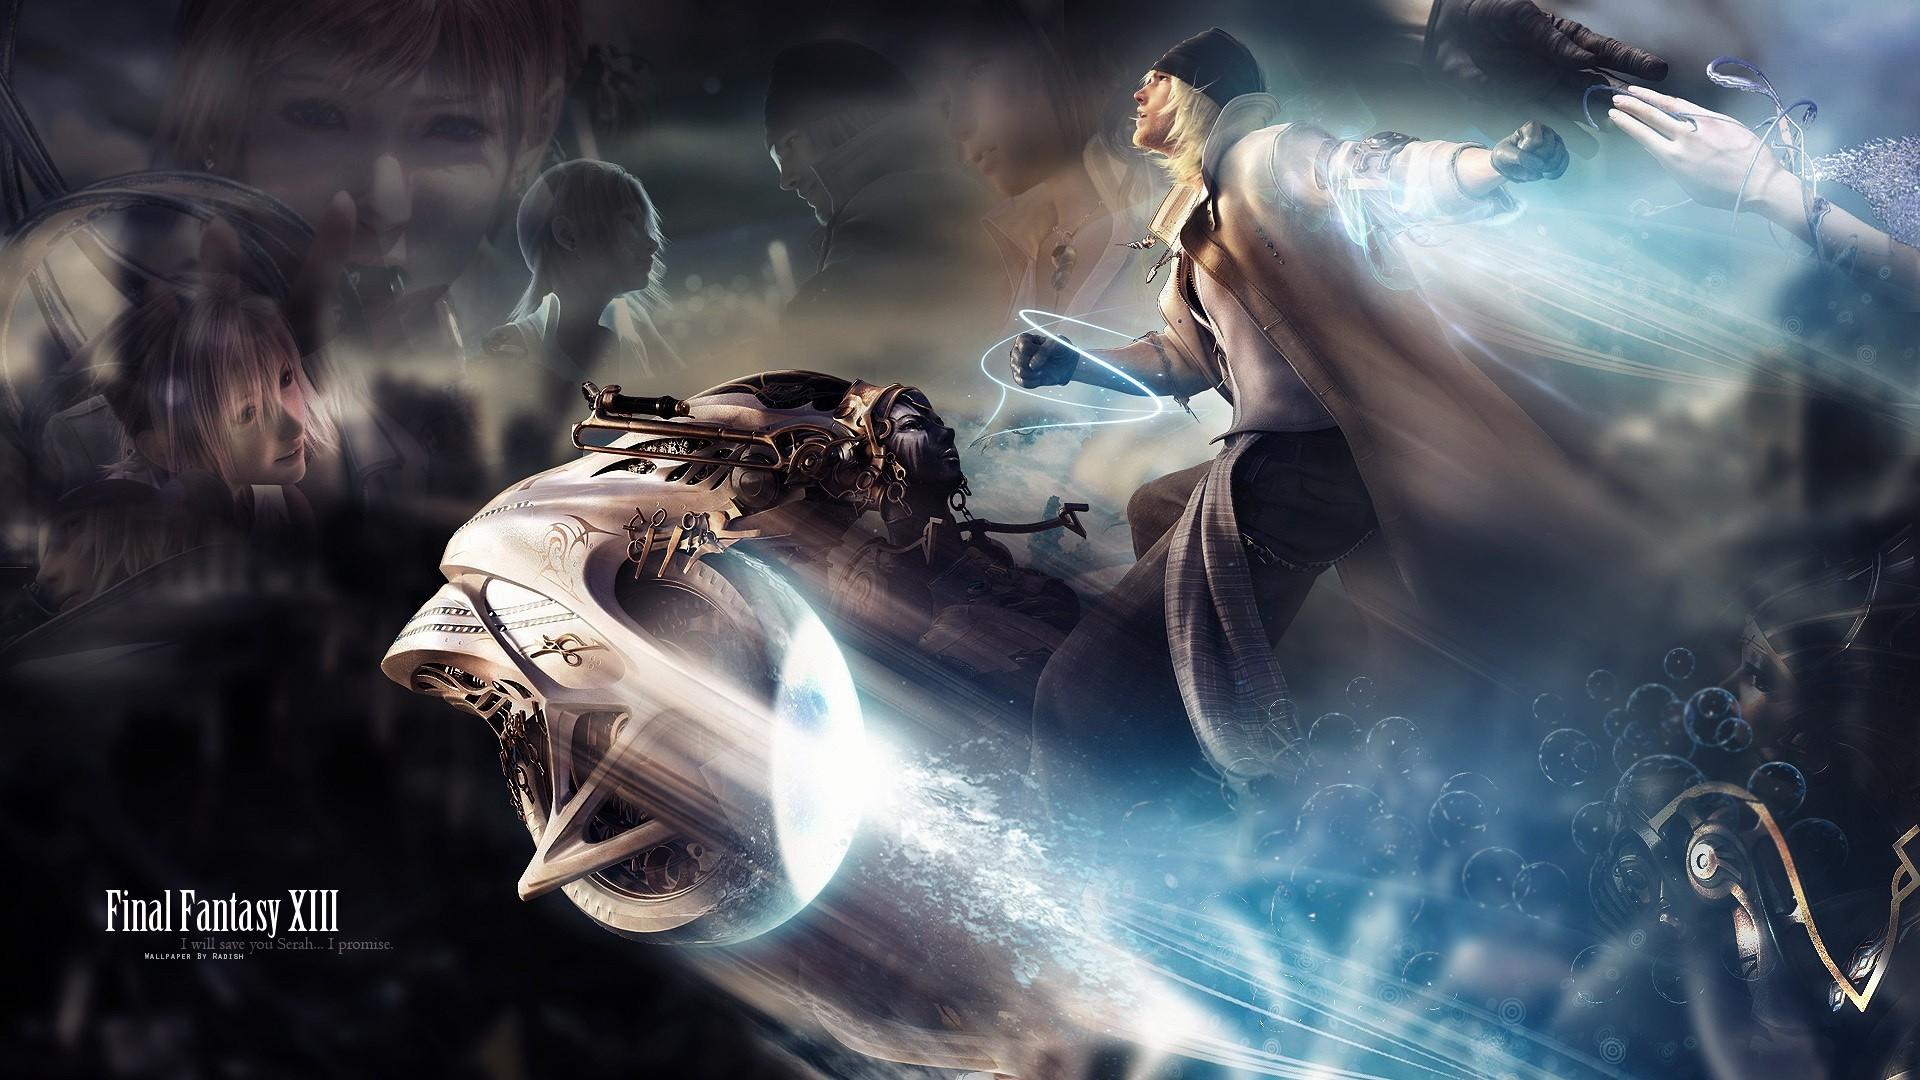 Download Wallpaper 1920x1080 Final Fantasy Xiii Character Magic